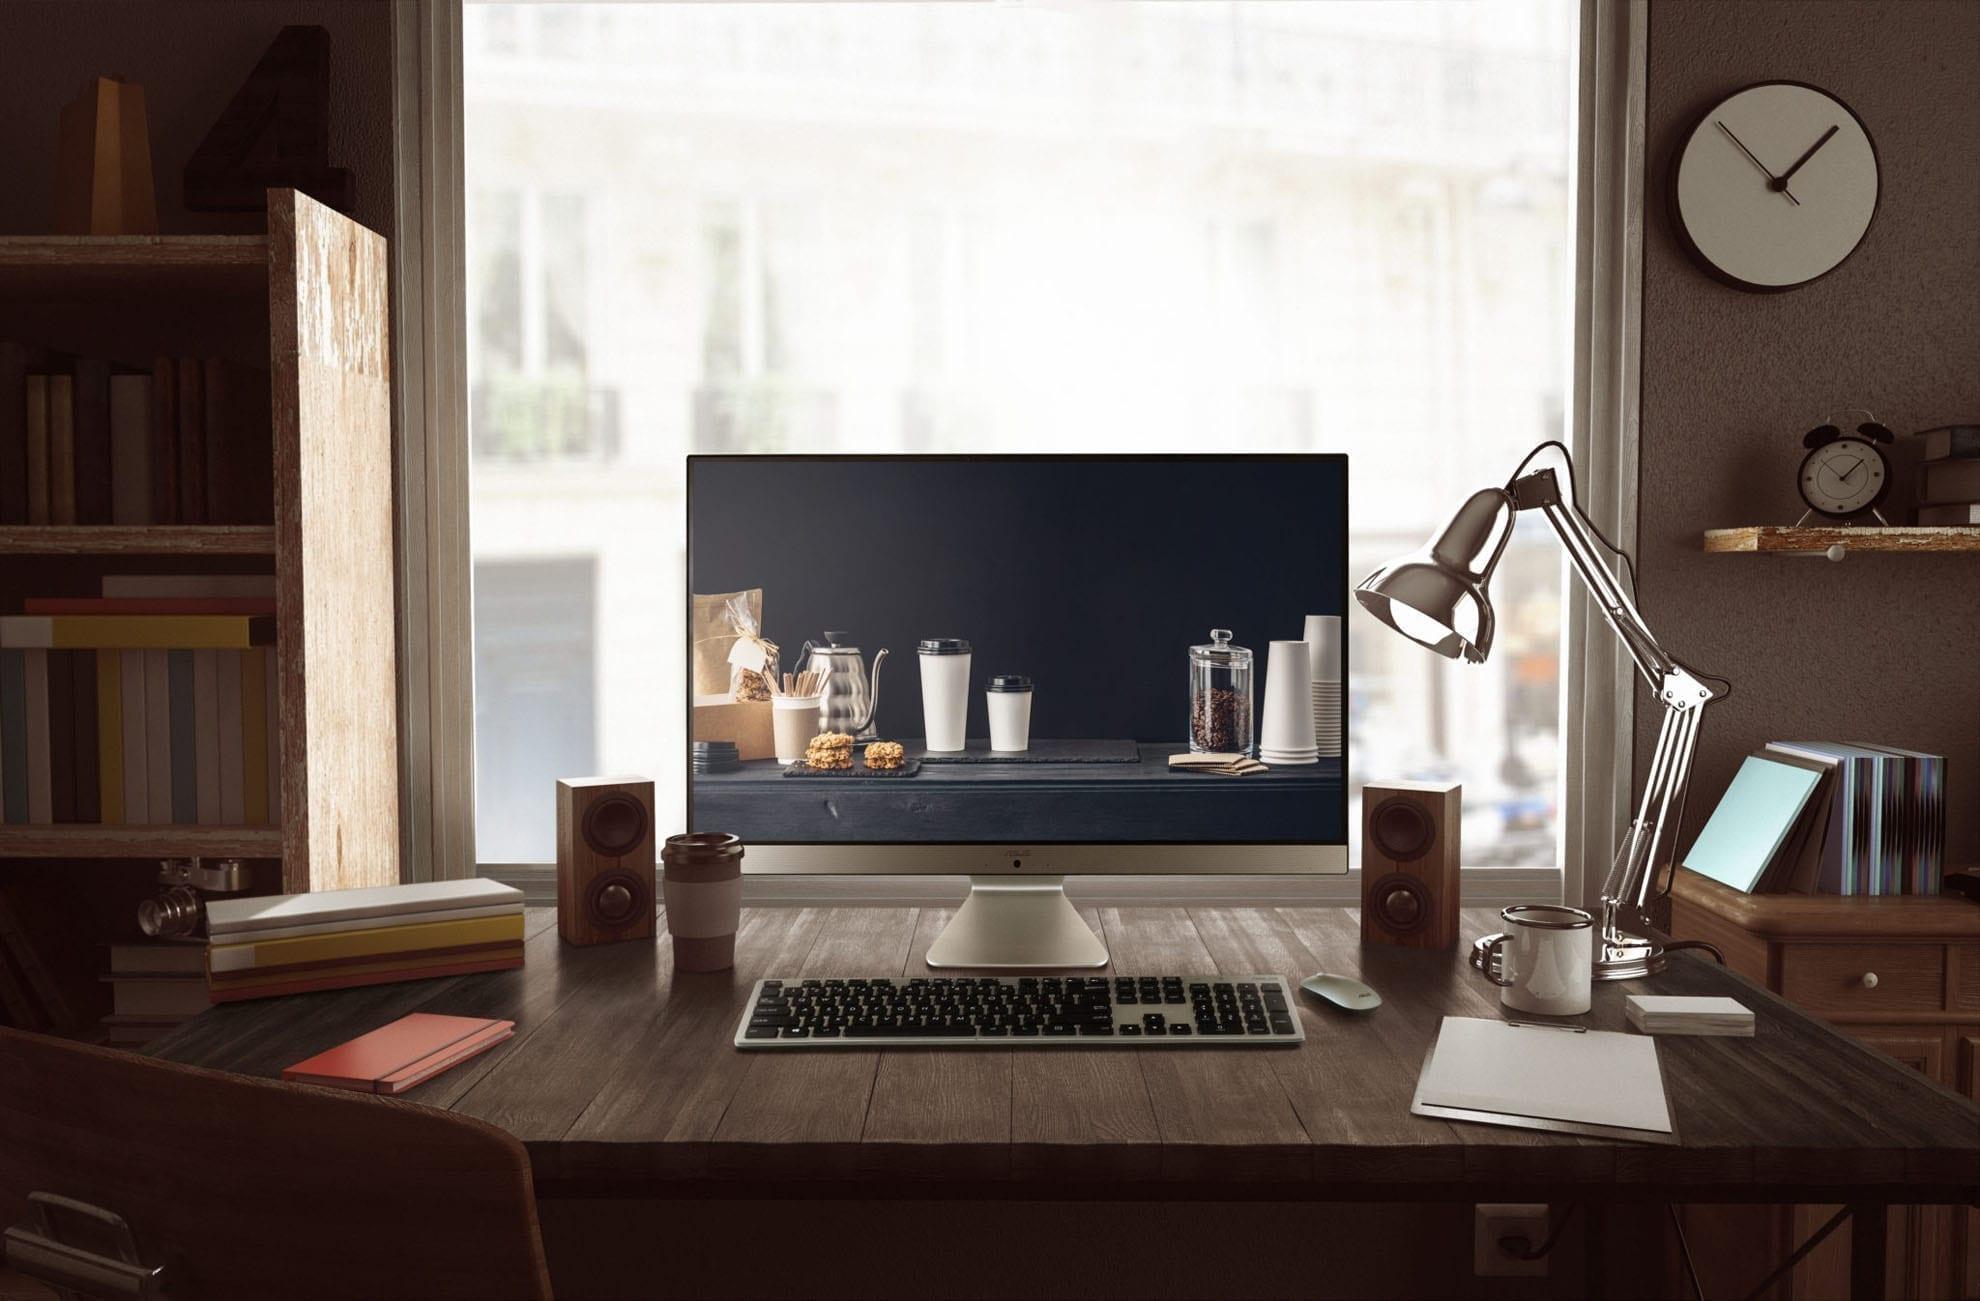 Asus Vivo AiO M241 scaled 1 - ASUS prezintă o nouă soluție All-in-One pentru birou și acasă: o experiență de divertisment foarte bună cu noul Vivo AiO M241